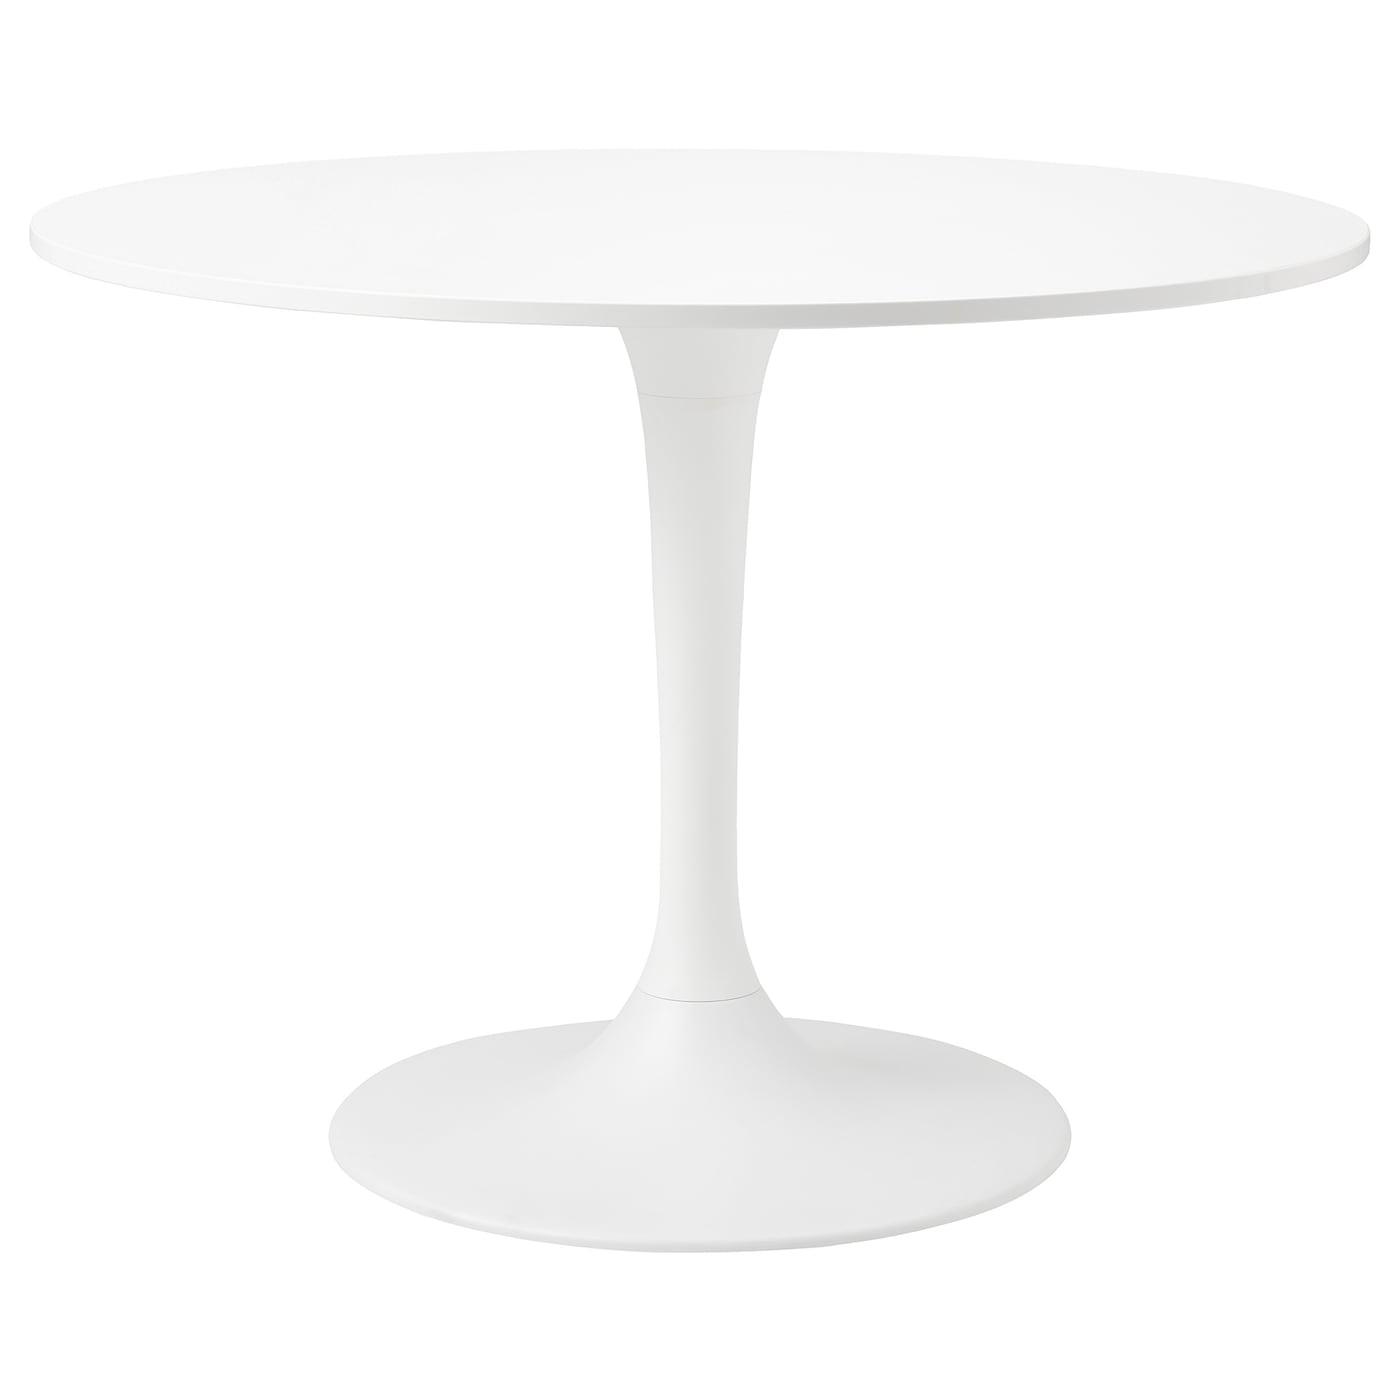 DOCKSTA Tisch   weiß/weiß 9 cm